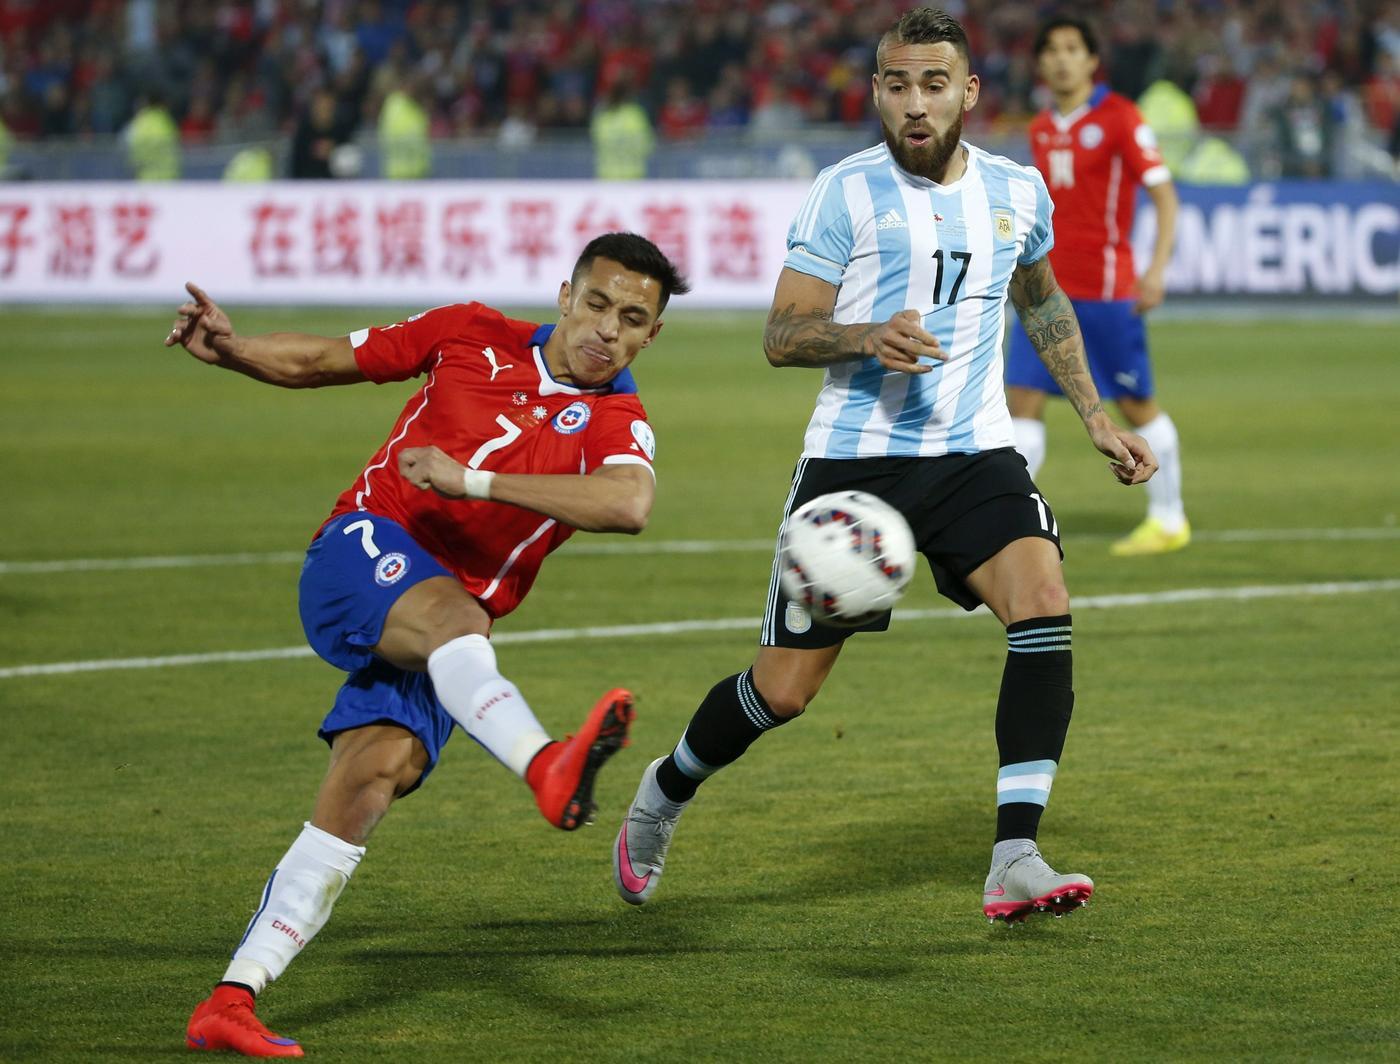 Manchester United and Valencia remain at transfer impasse over Nicolas Otamendi